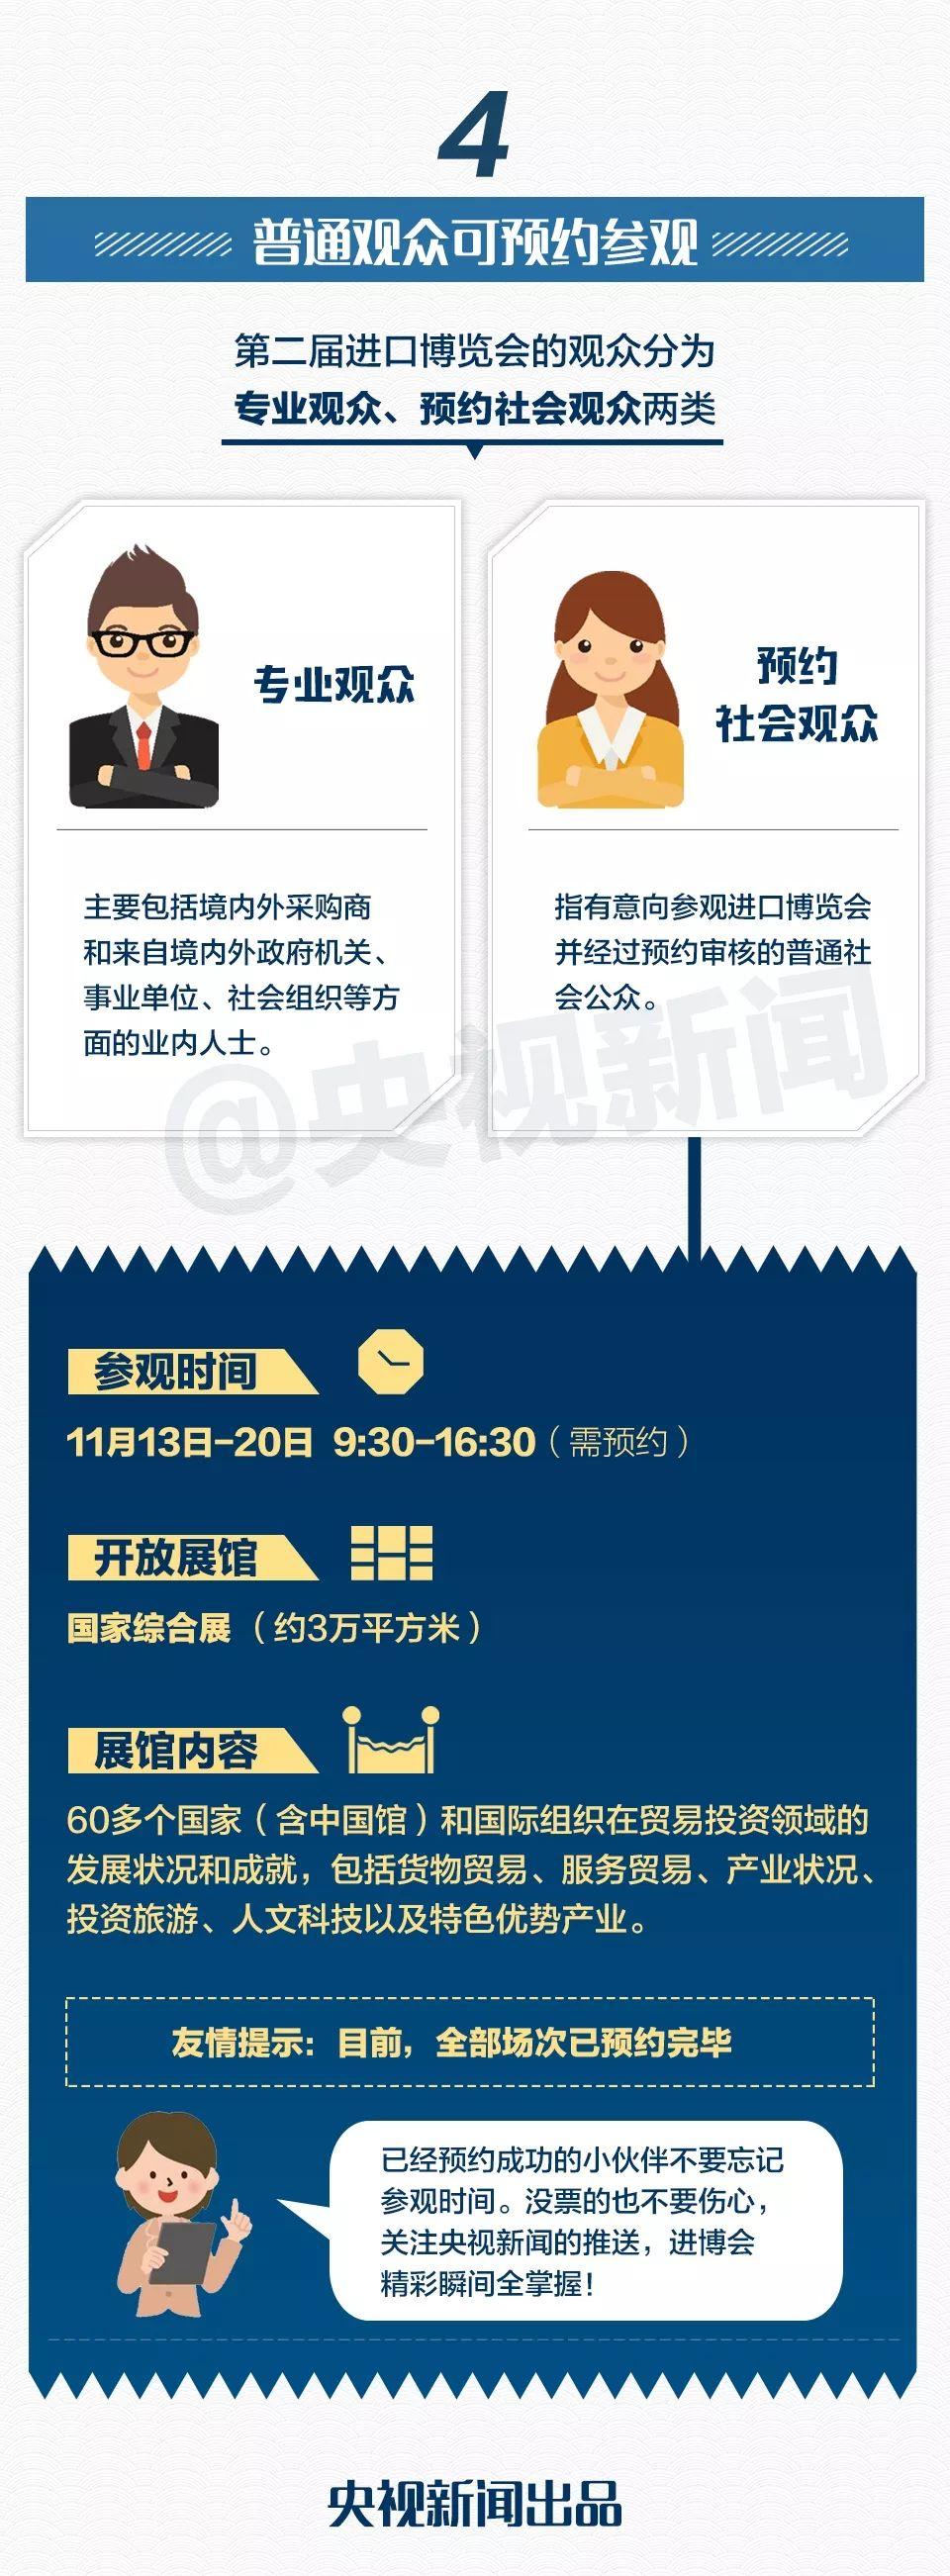 """试玩198体验金 - 维信金科荣膺""""2019卓越竞争力金融科技影响力企业"""""""